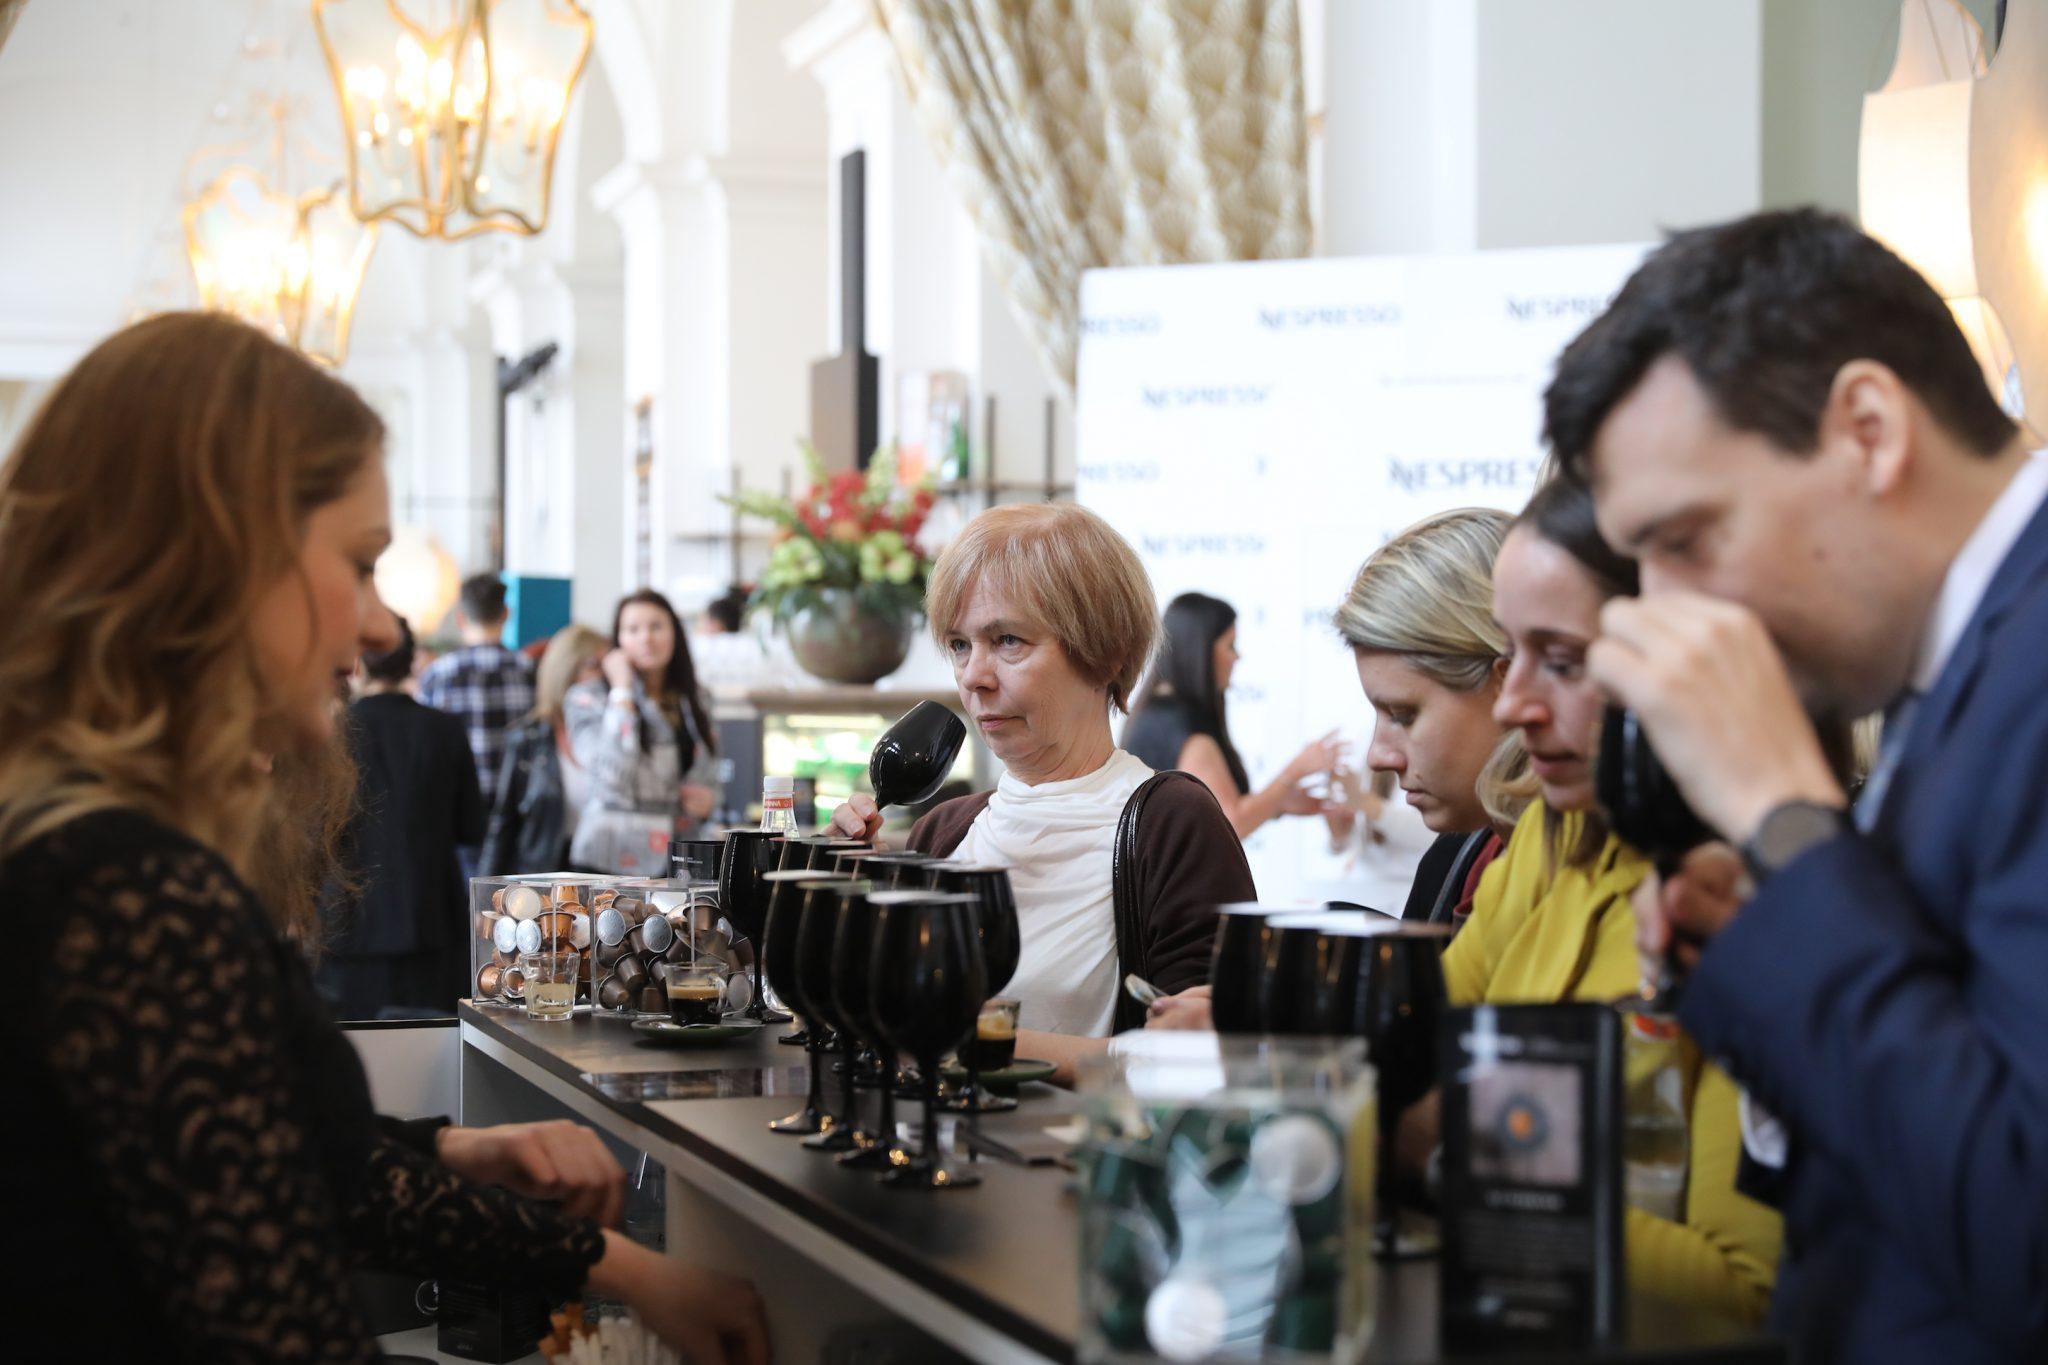 Afrikai történetek ihlették a Nespresso kávékapszuláit